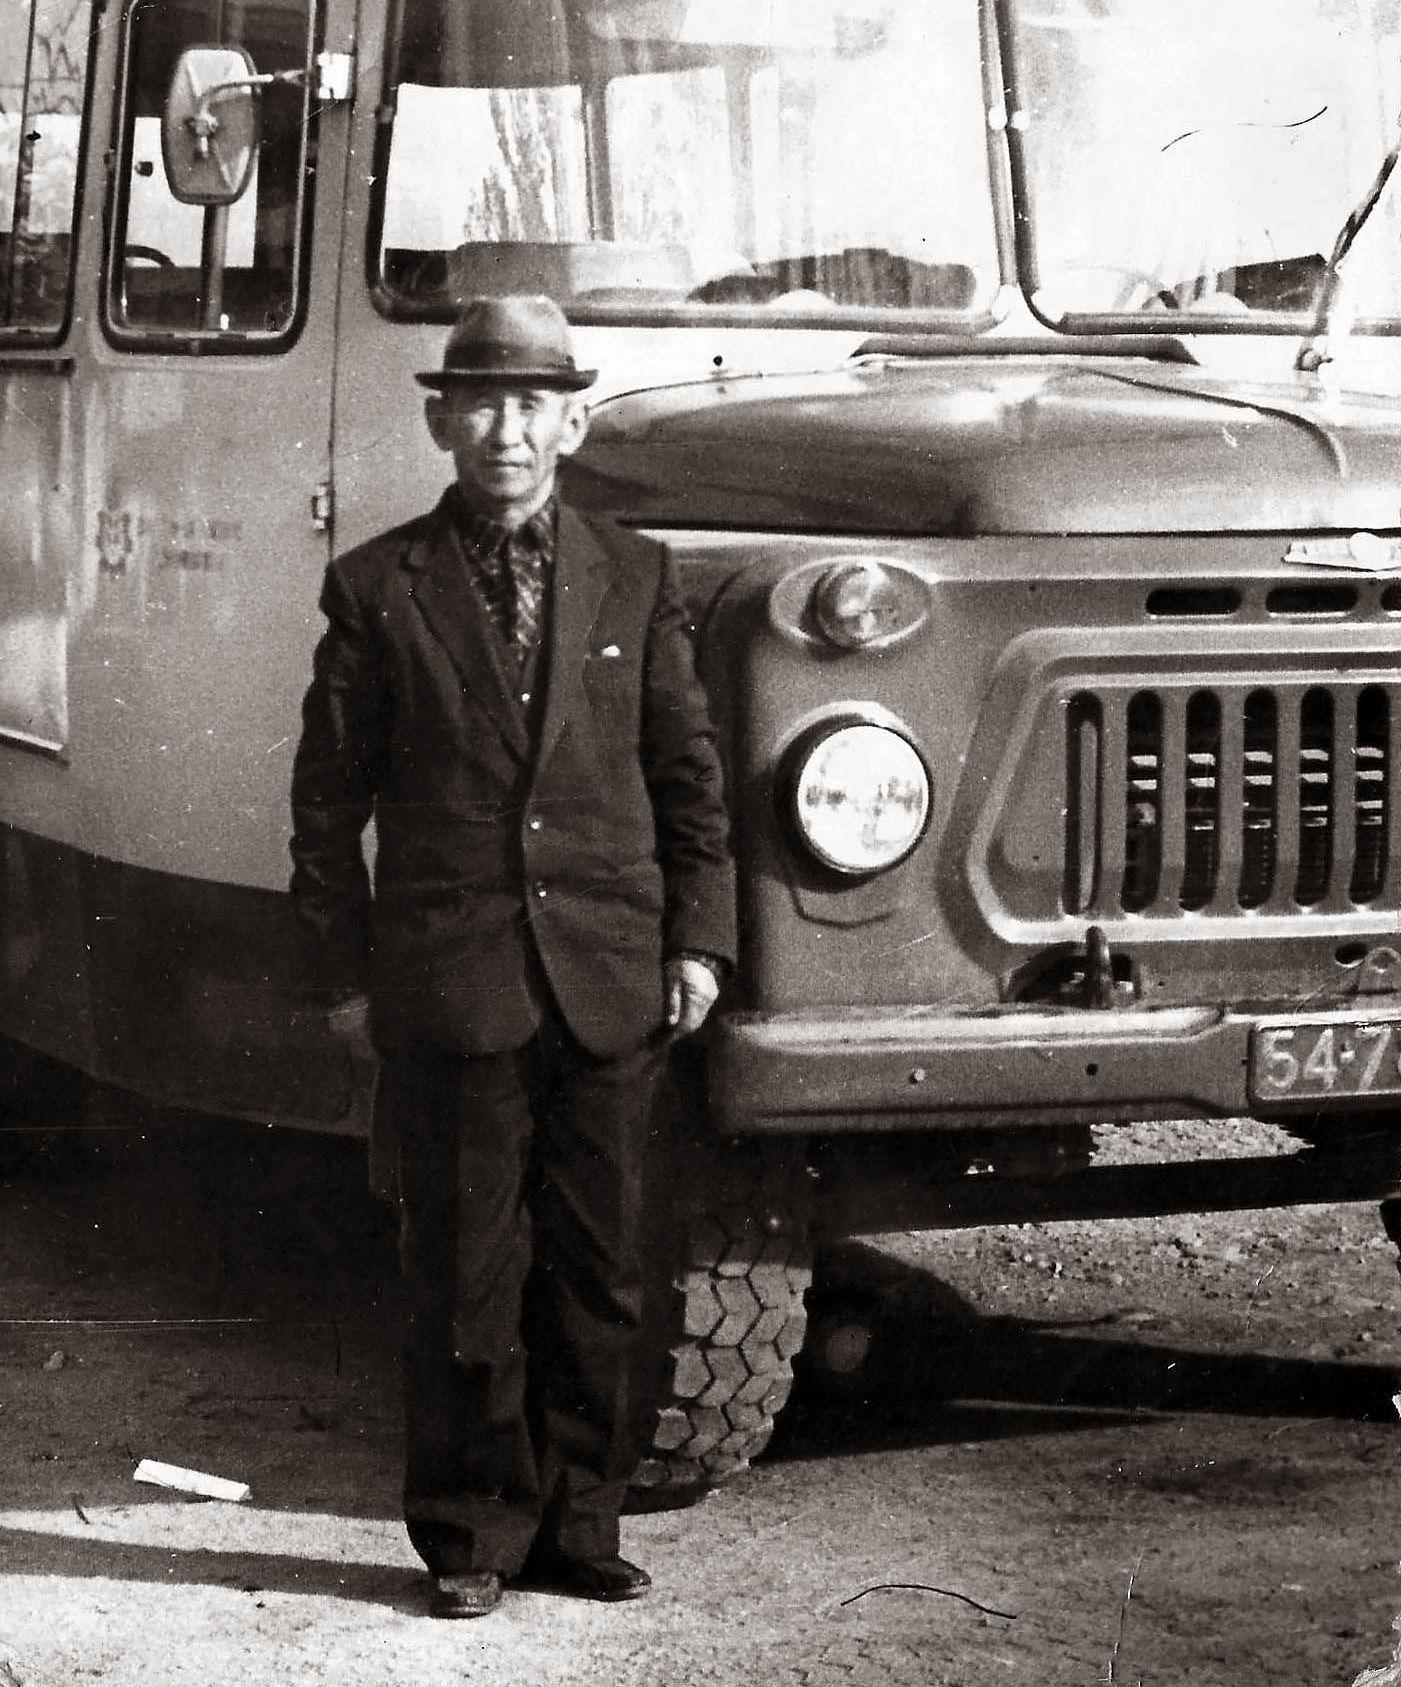 Ветеран Великой Отечественной войны Алагуш Токтоназаров в селе Джети-Огуз в 1980-году